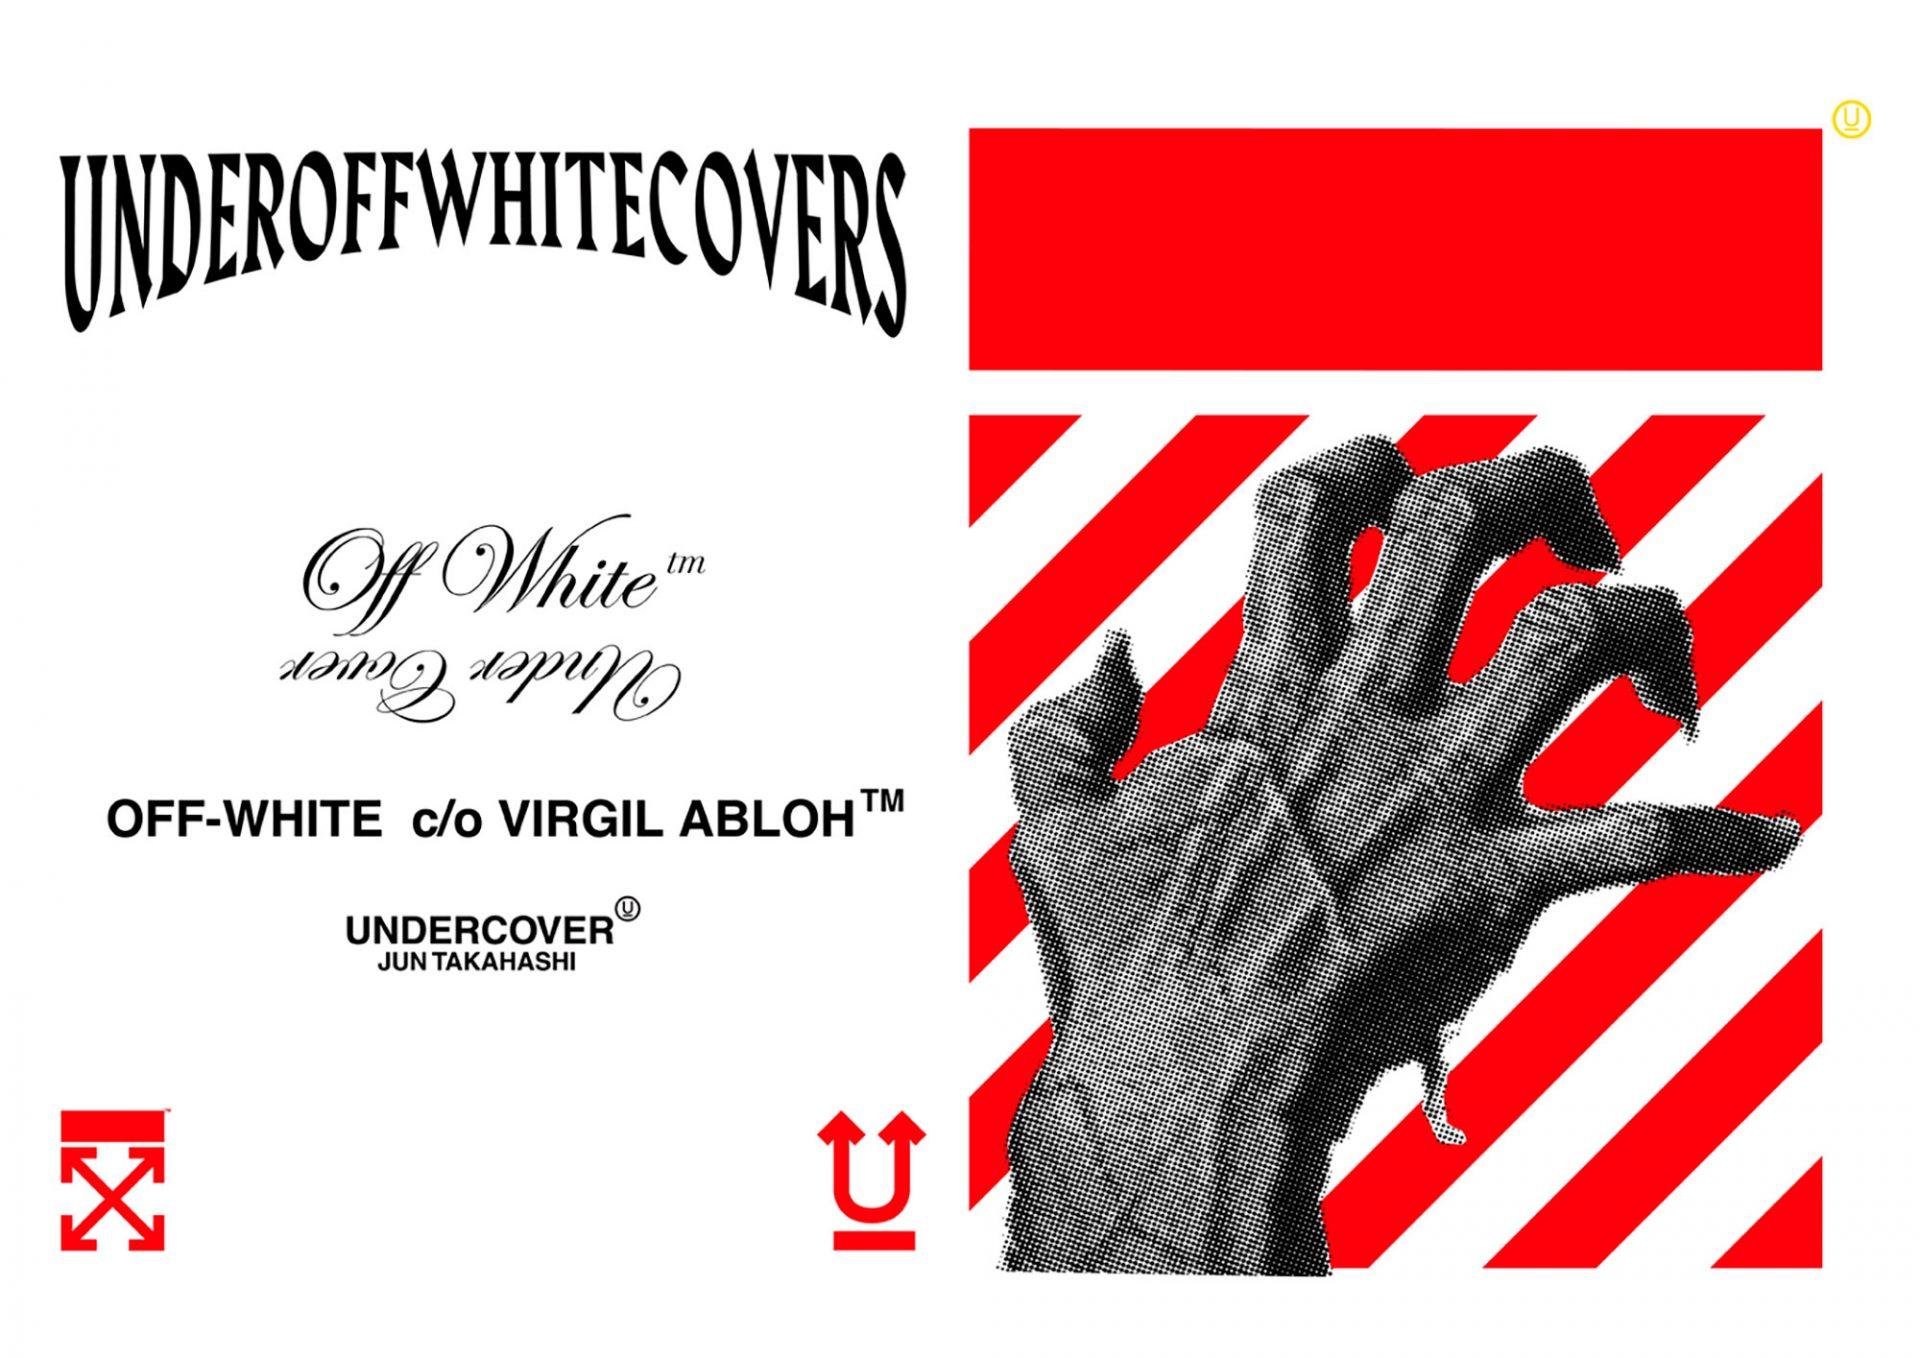 ©︎ OFF-WHITE™ c/o UNDERCOVER